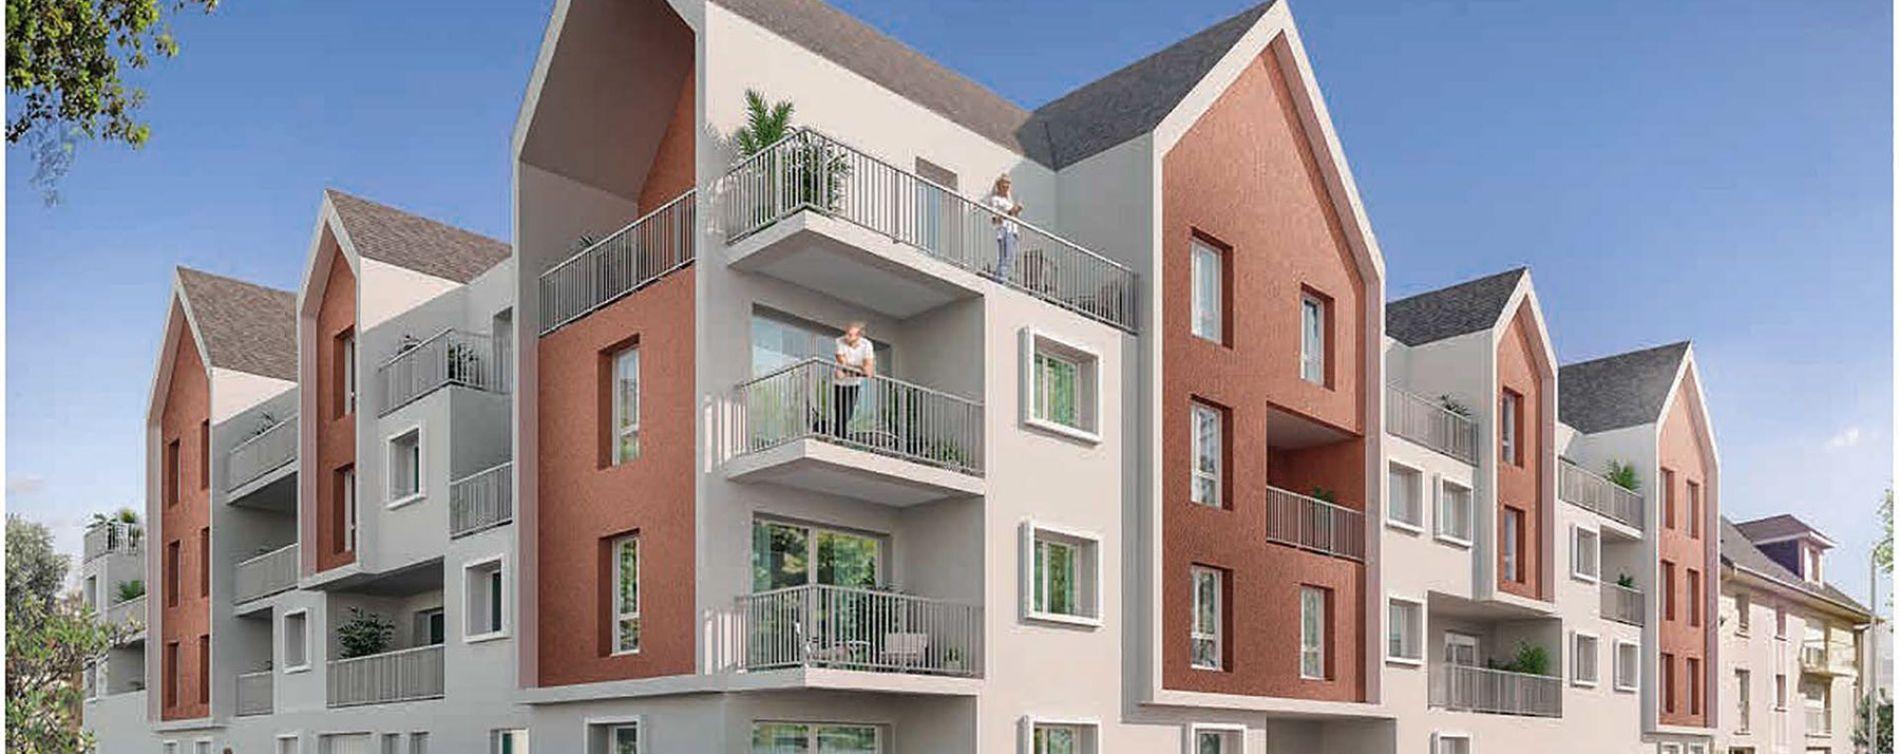 Berck : programme immobilier neuve « La Vedette »